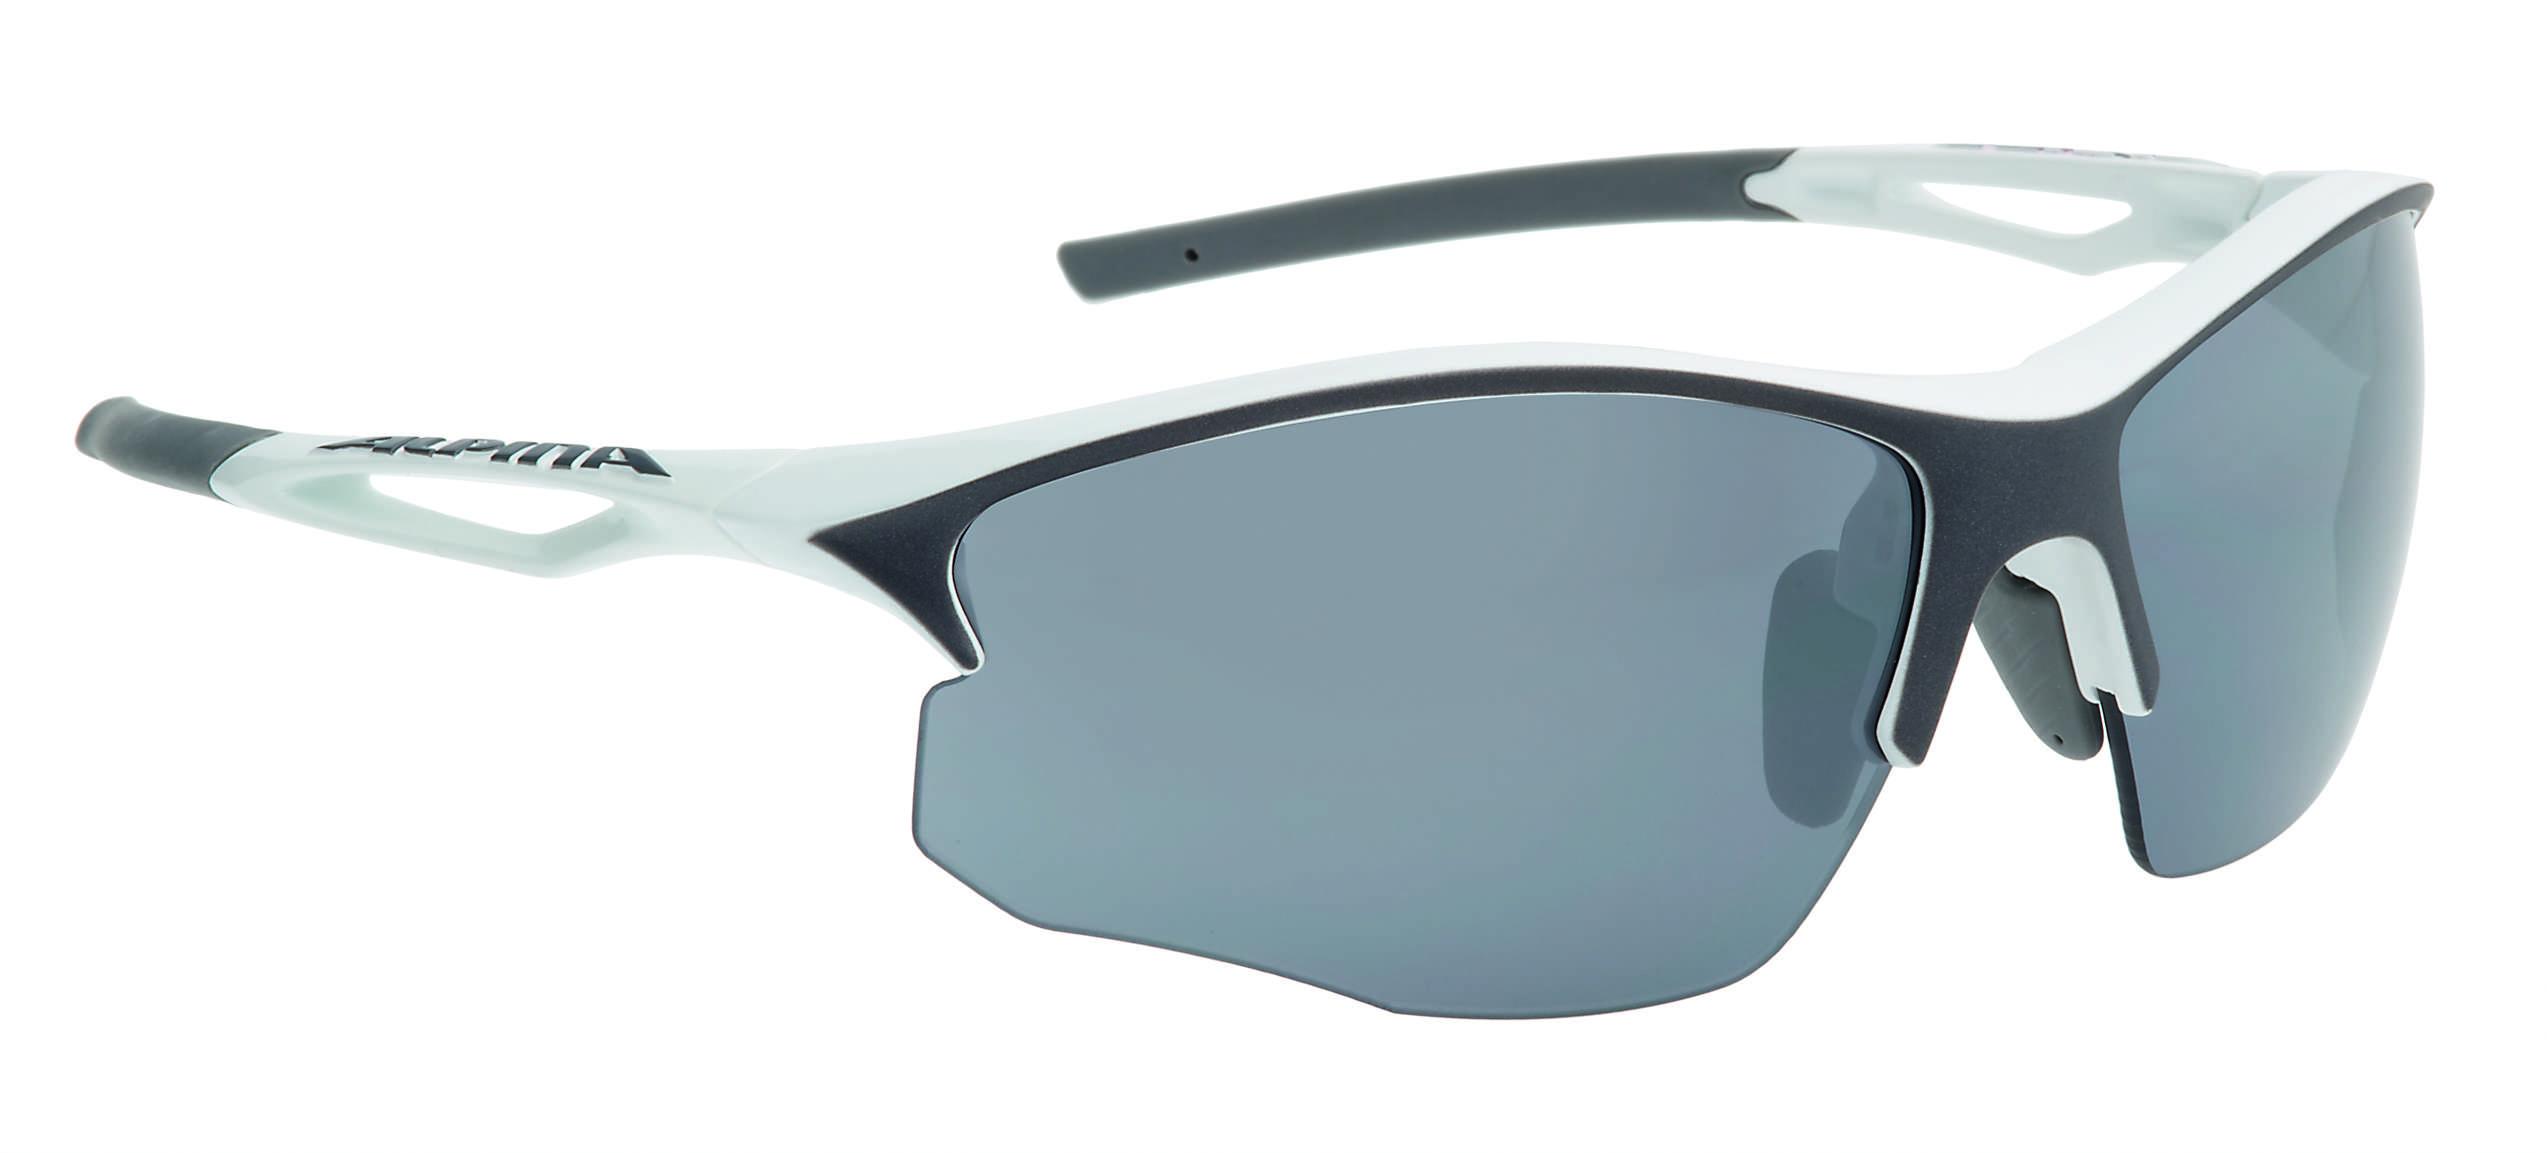 Купить Очки солнцезащитные Alpina PERFORMANCE SORCERY HR CM+ white-antracite matt, солнцезащитные, 1180491